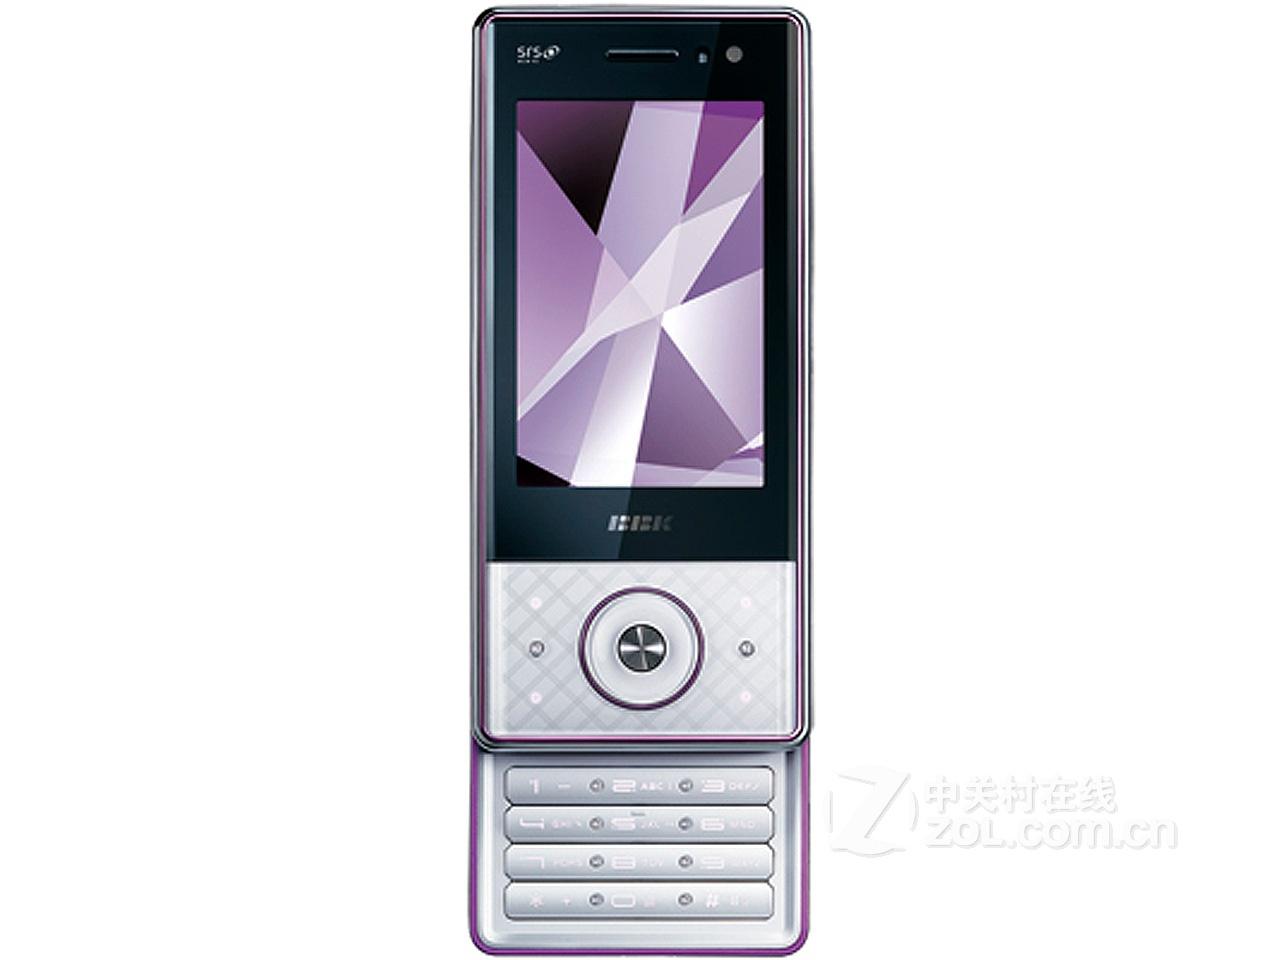 步步高手机官网下载_步步高i270手机主题哪有?-怎样免费下载手机主题(步步高i270)